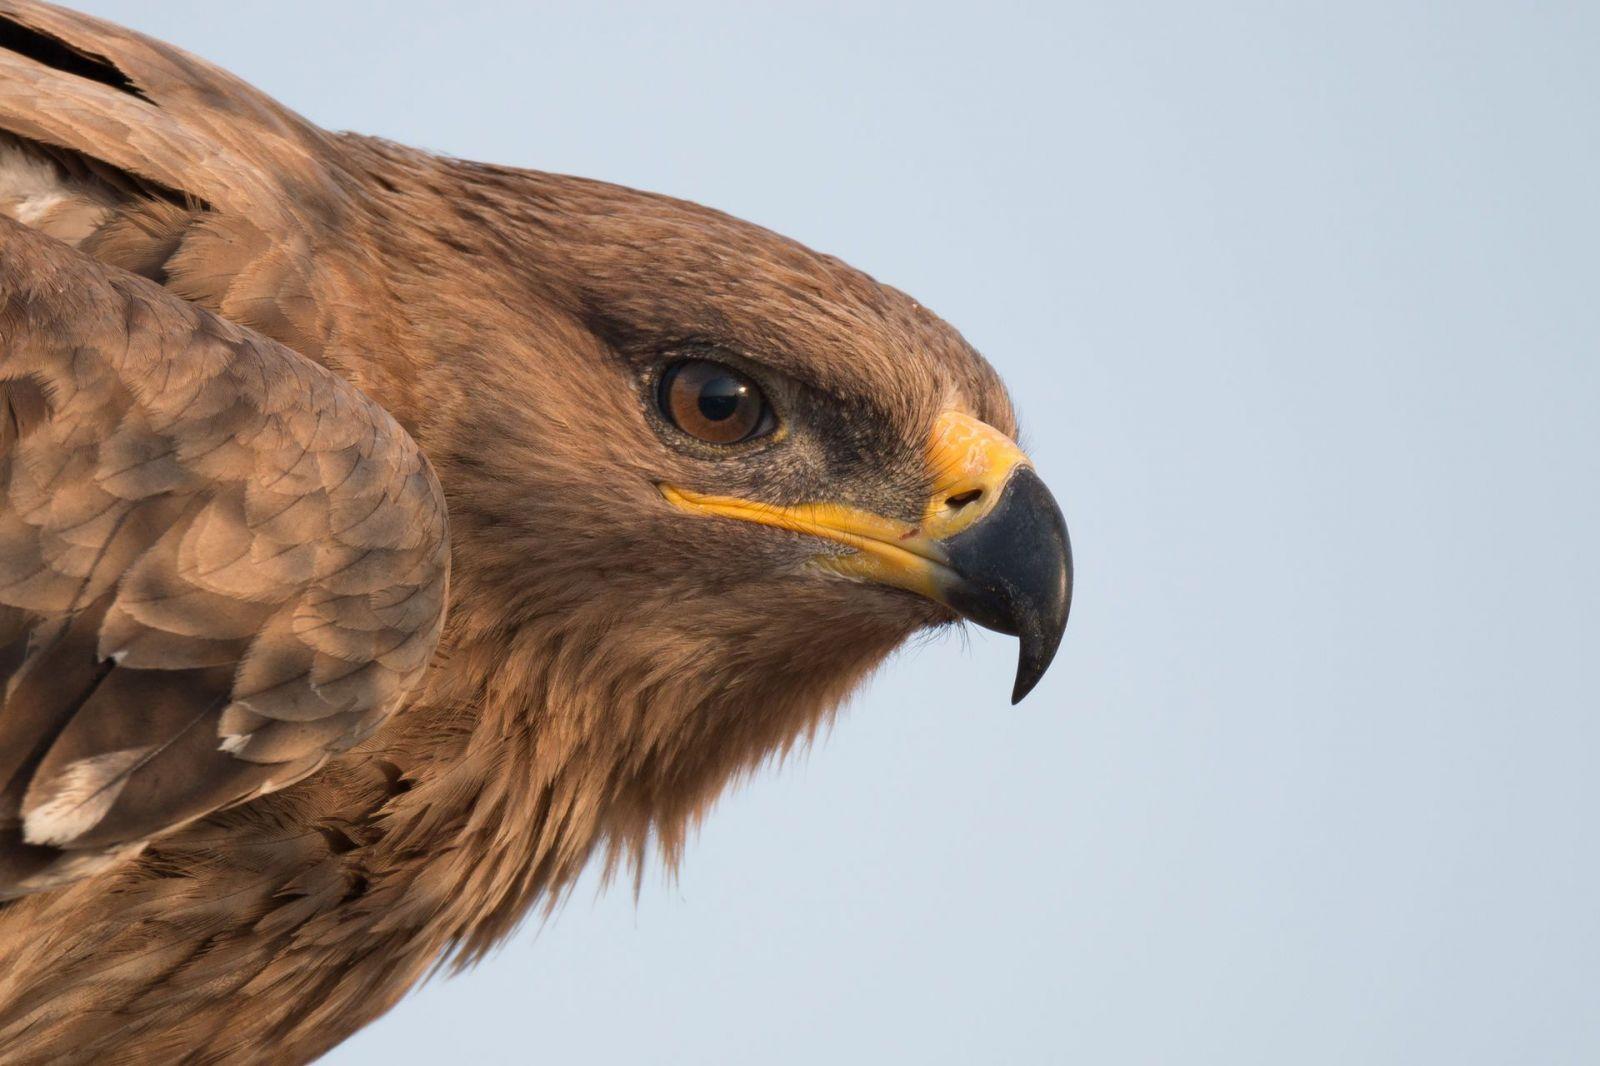 Ruskí vedci sledovali orlov pomocou dátového roamingu. Vtáky zaleteli do zahraničia a vedcov faktúra za SMS skoro zruinovala